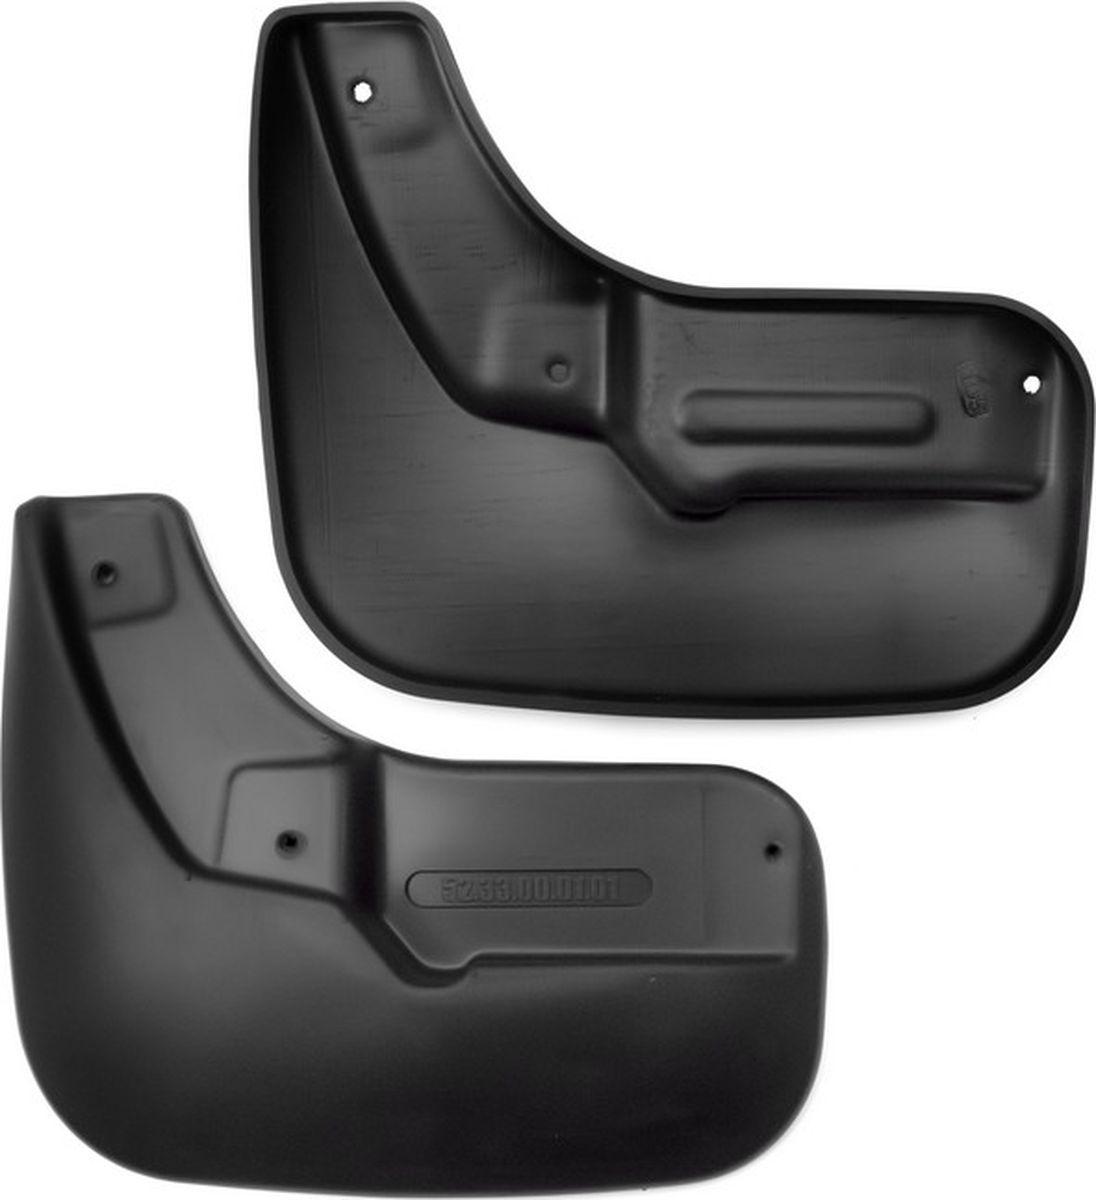 Комплект брызговиков передних Novline-Autofamily для Lada Vesta седан, 2015-, 2 штNLF.52.33.F10Комплект Novline-Autofamily состоит из 2 передних брызговиков, изготовленных из высококачественного полиуретана. Изделия эффективно защищают кузов автомобиля от грязи и воды, формируют аэродинамический поток воздуха, создаваемый при движении вокруг кузова таким образом, чтобы максимально уменьшить образование грязевой измороси, оседающей на автомобиле. Разработаны индивидуально для каждой модели автомобиля. С эстетической точки зрения брызговики являются завершением колесных арок.